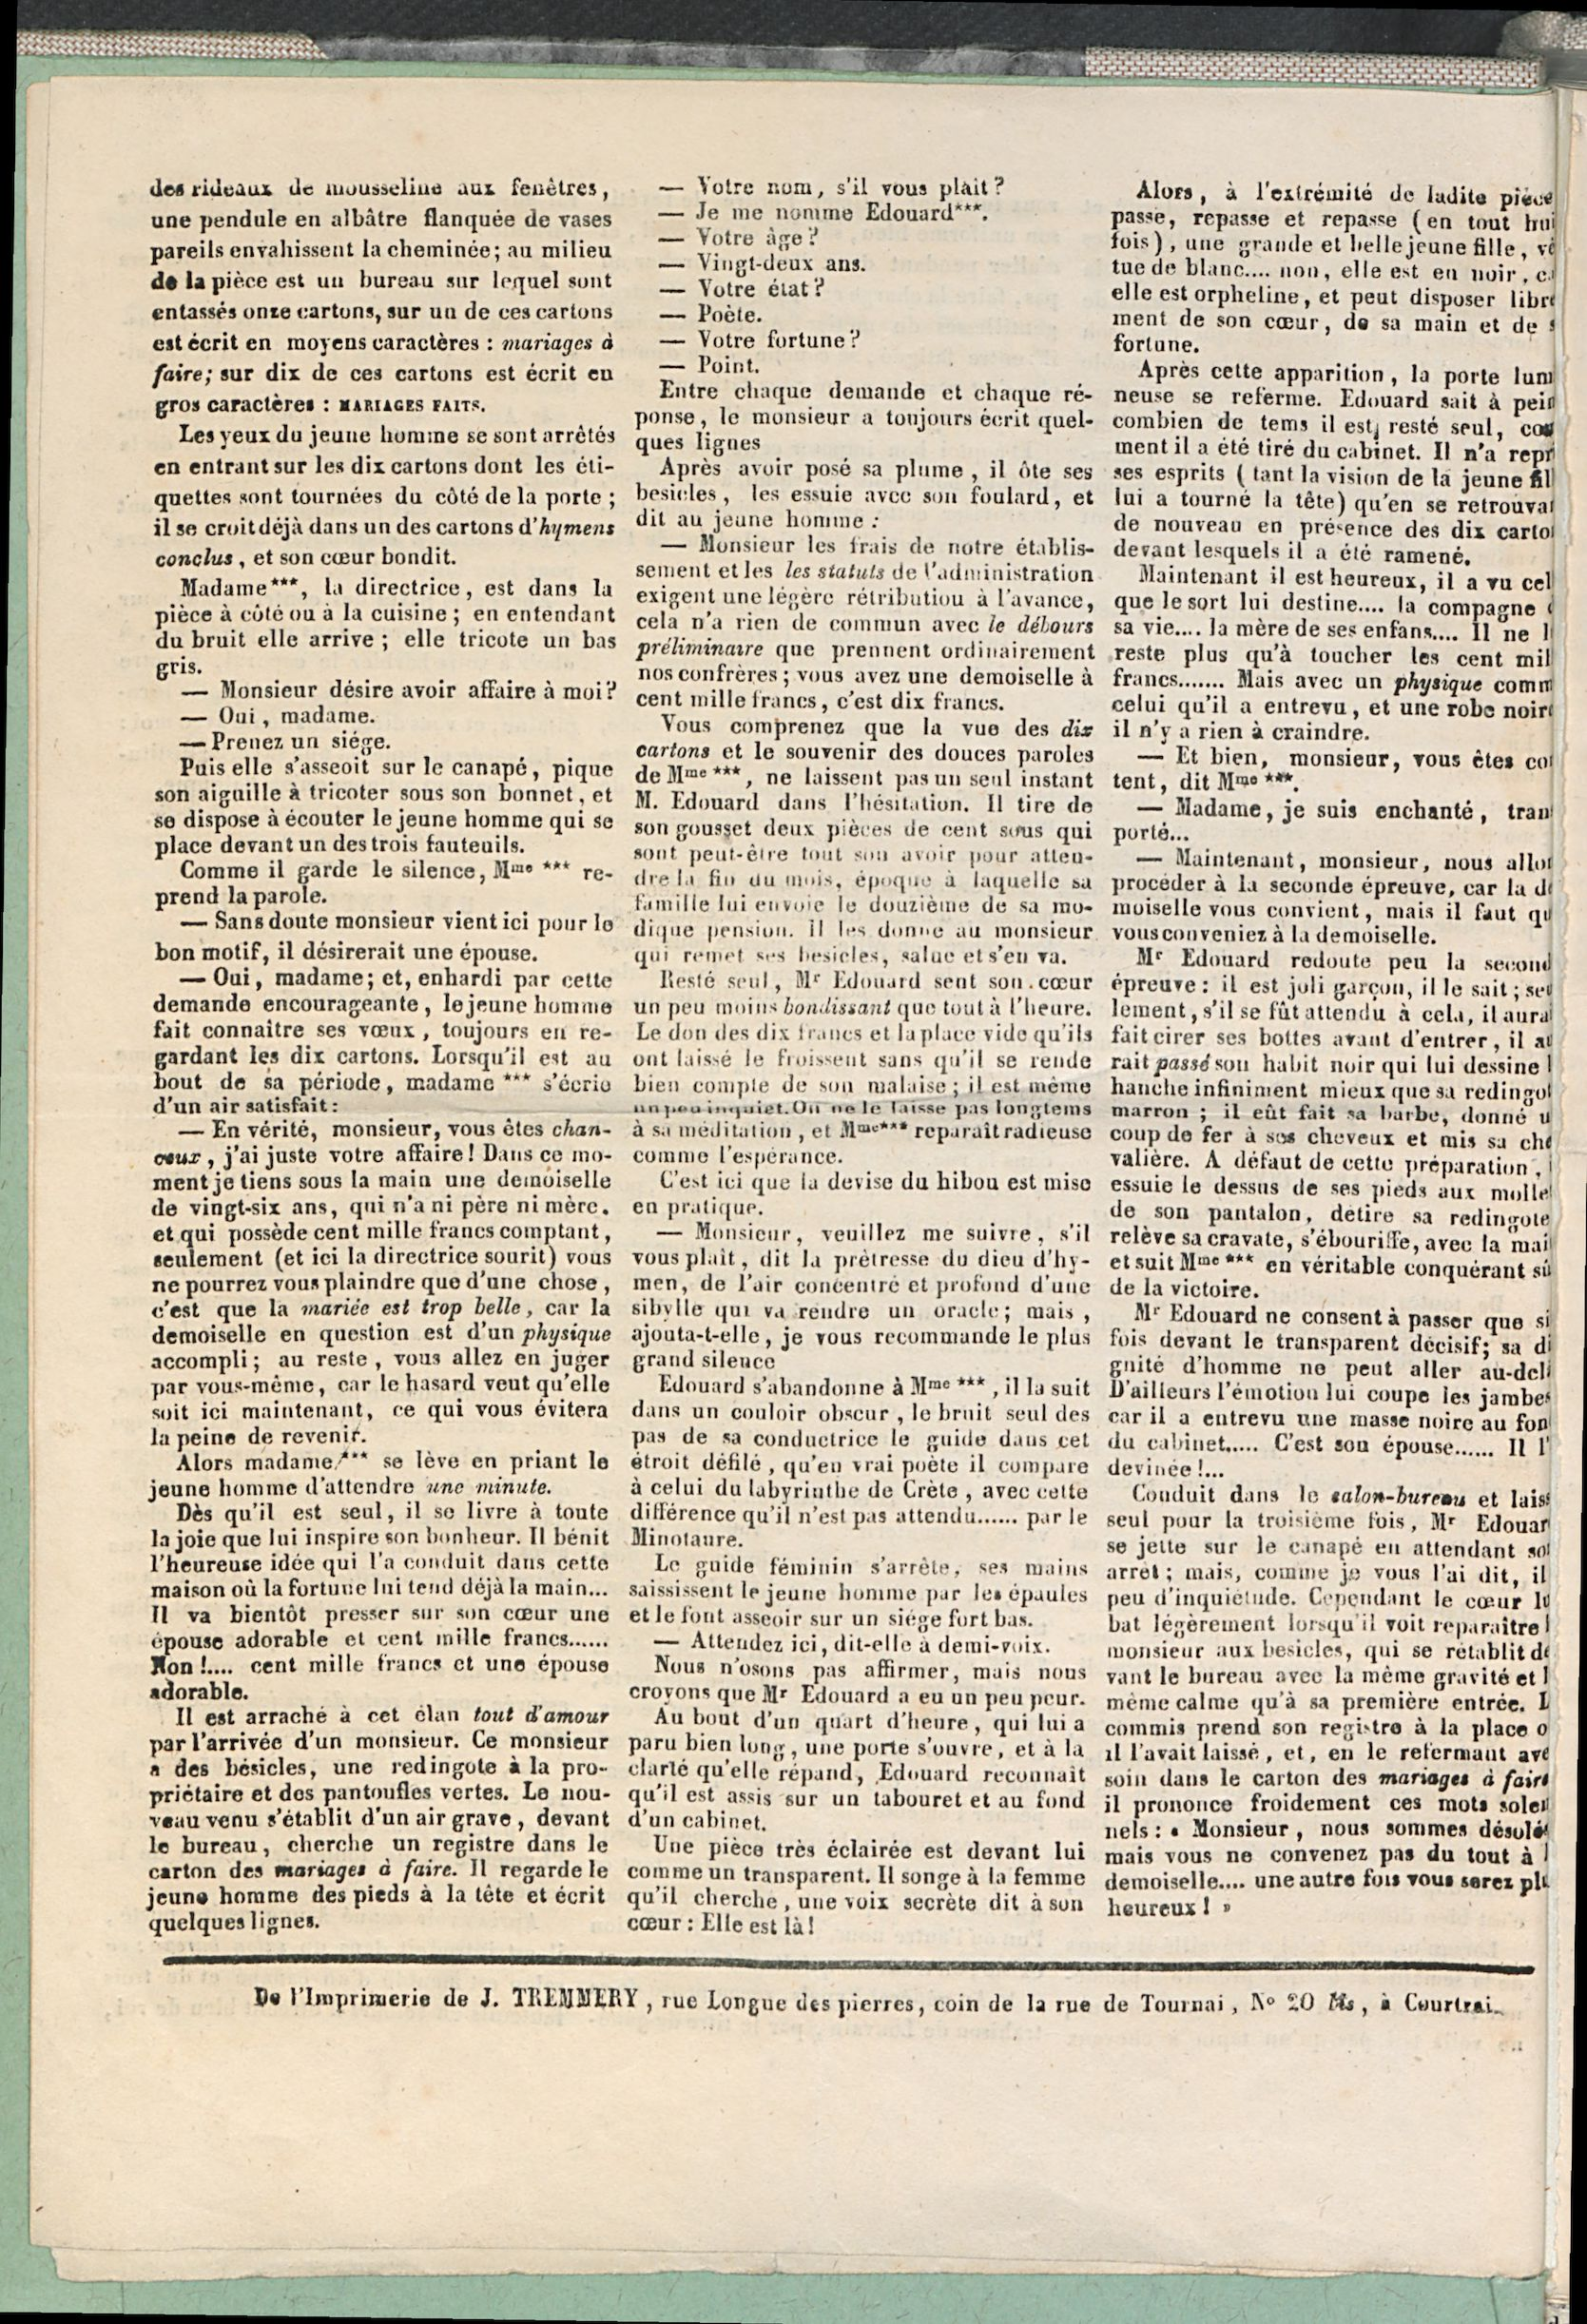 Petites Affiches De Courtrai 1835-08-23 p4